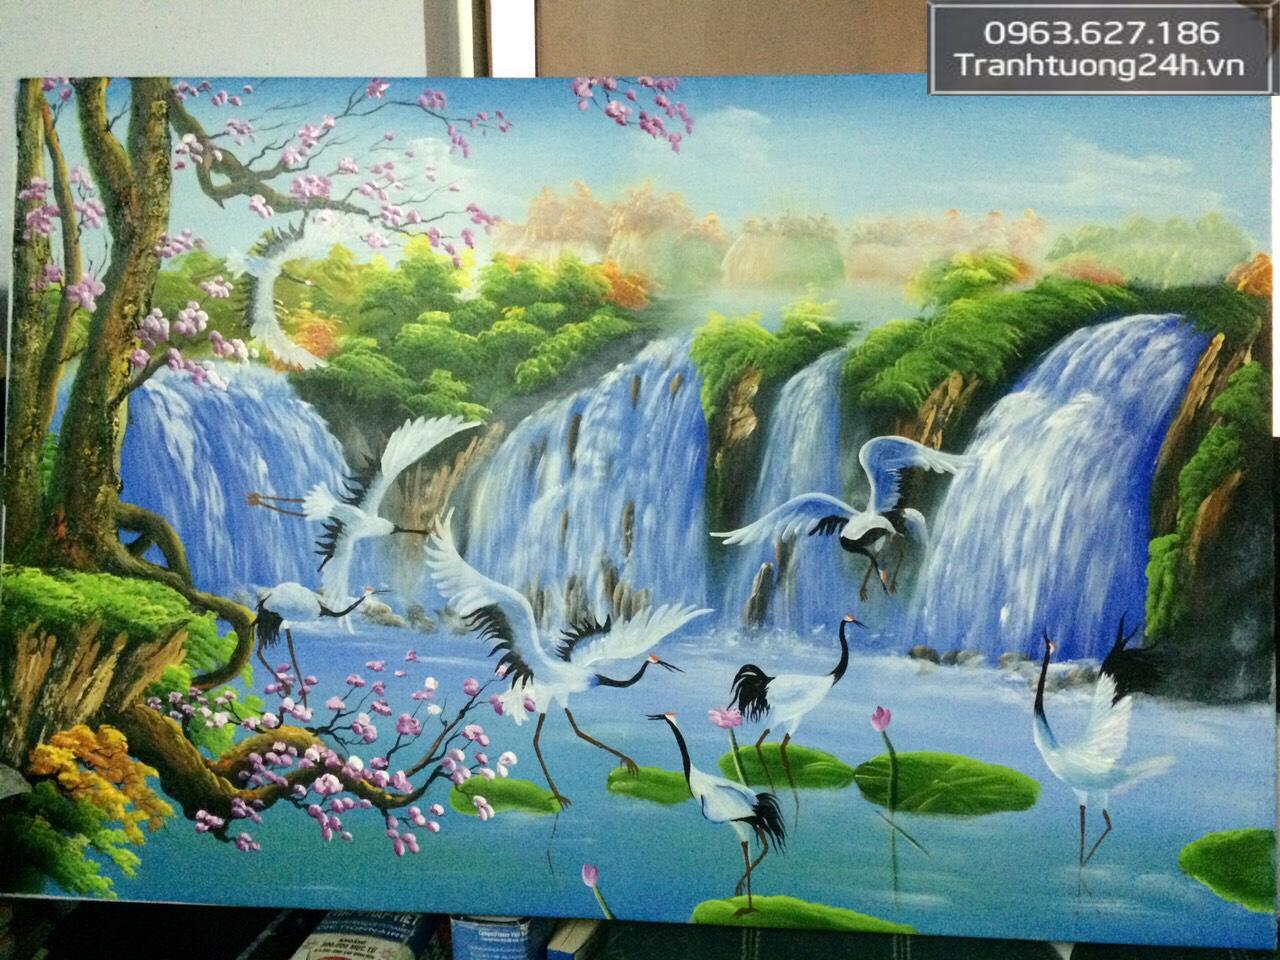 Tranh Phong Cảnh Cò Bay